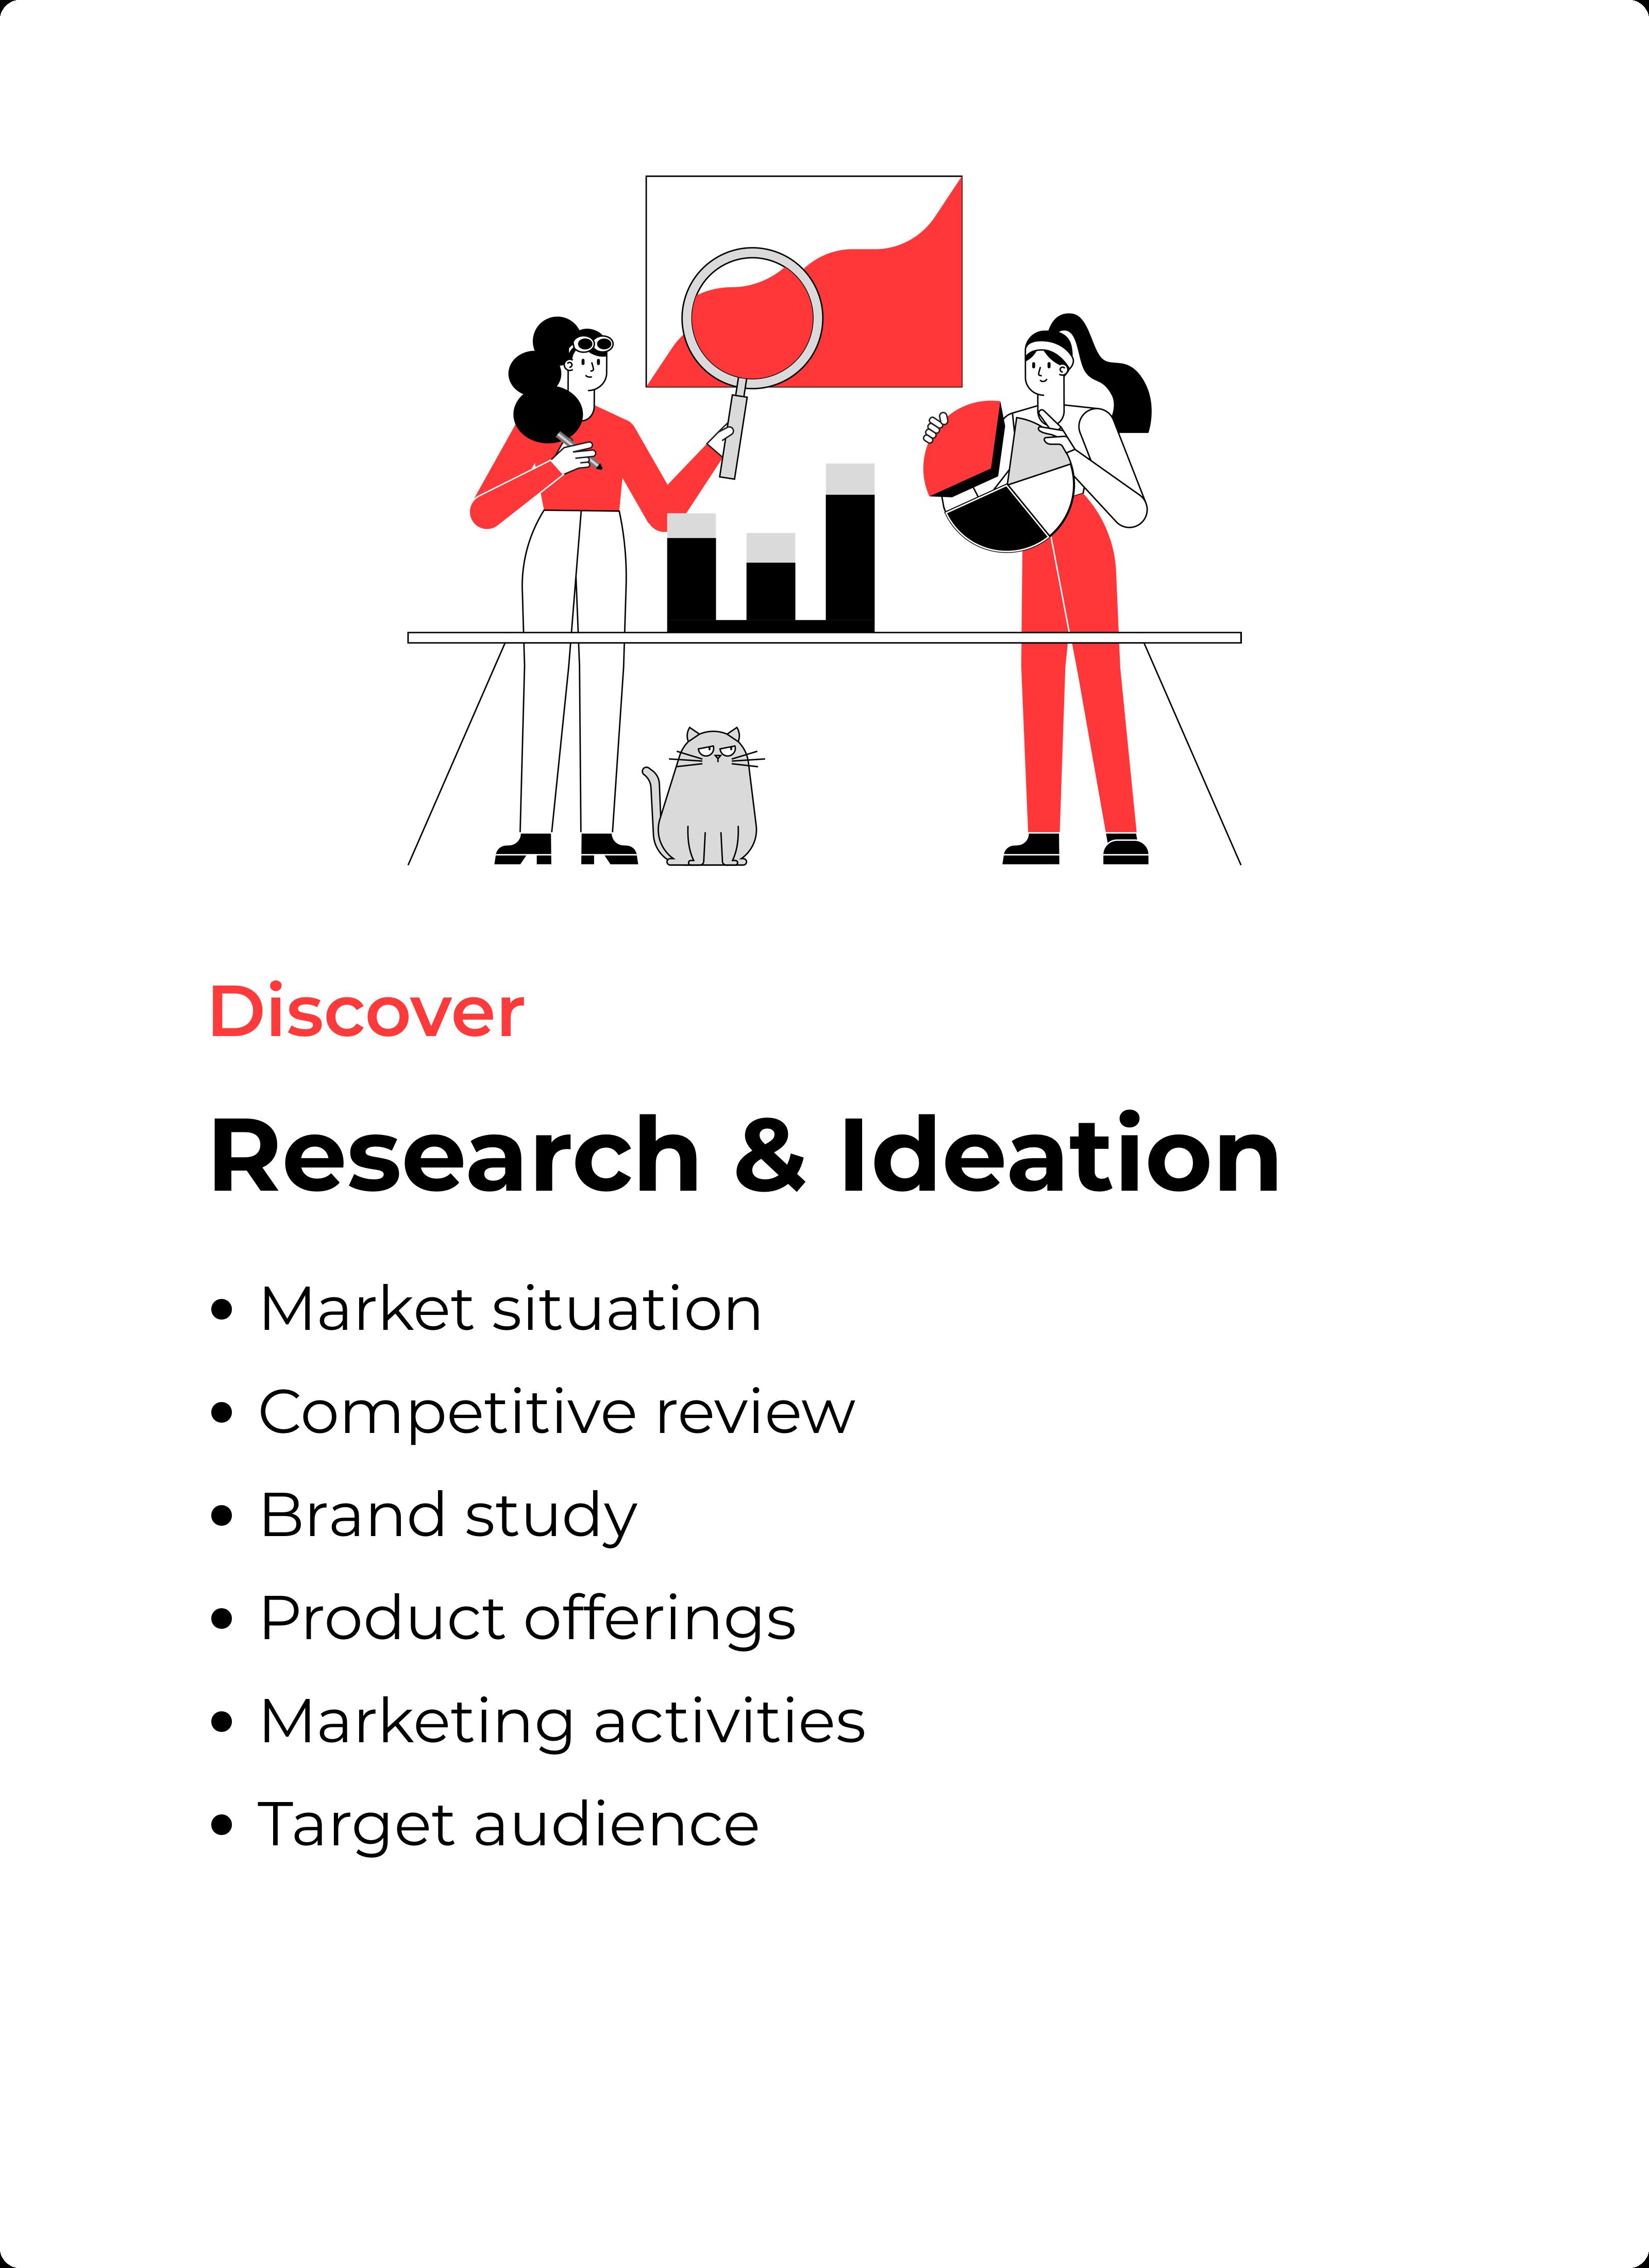 Digital Ads_Discover